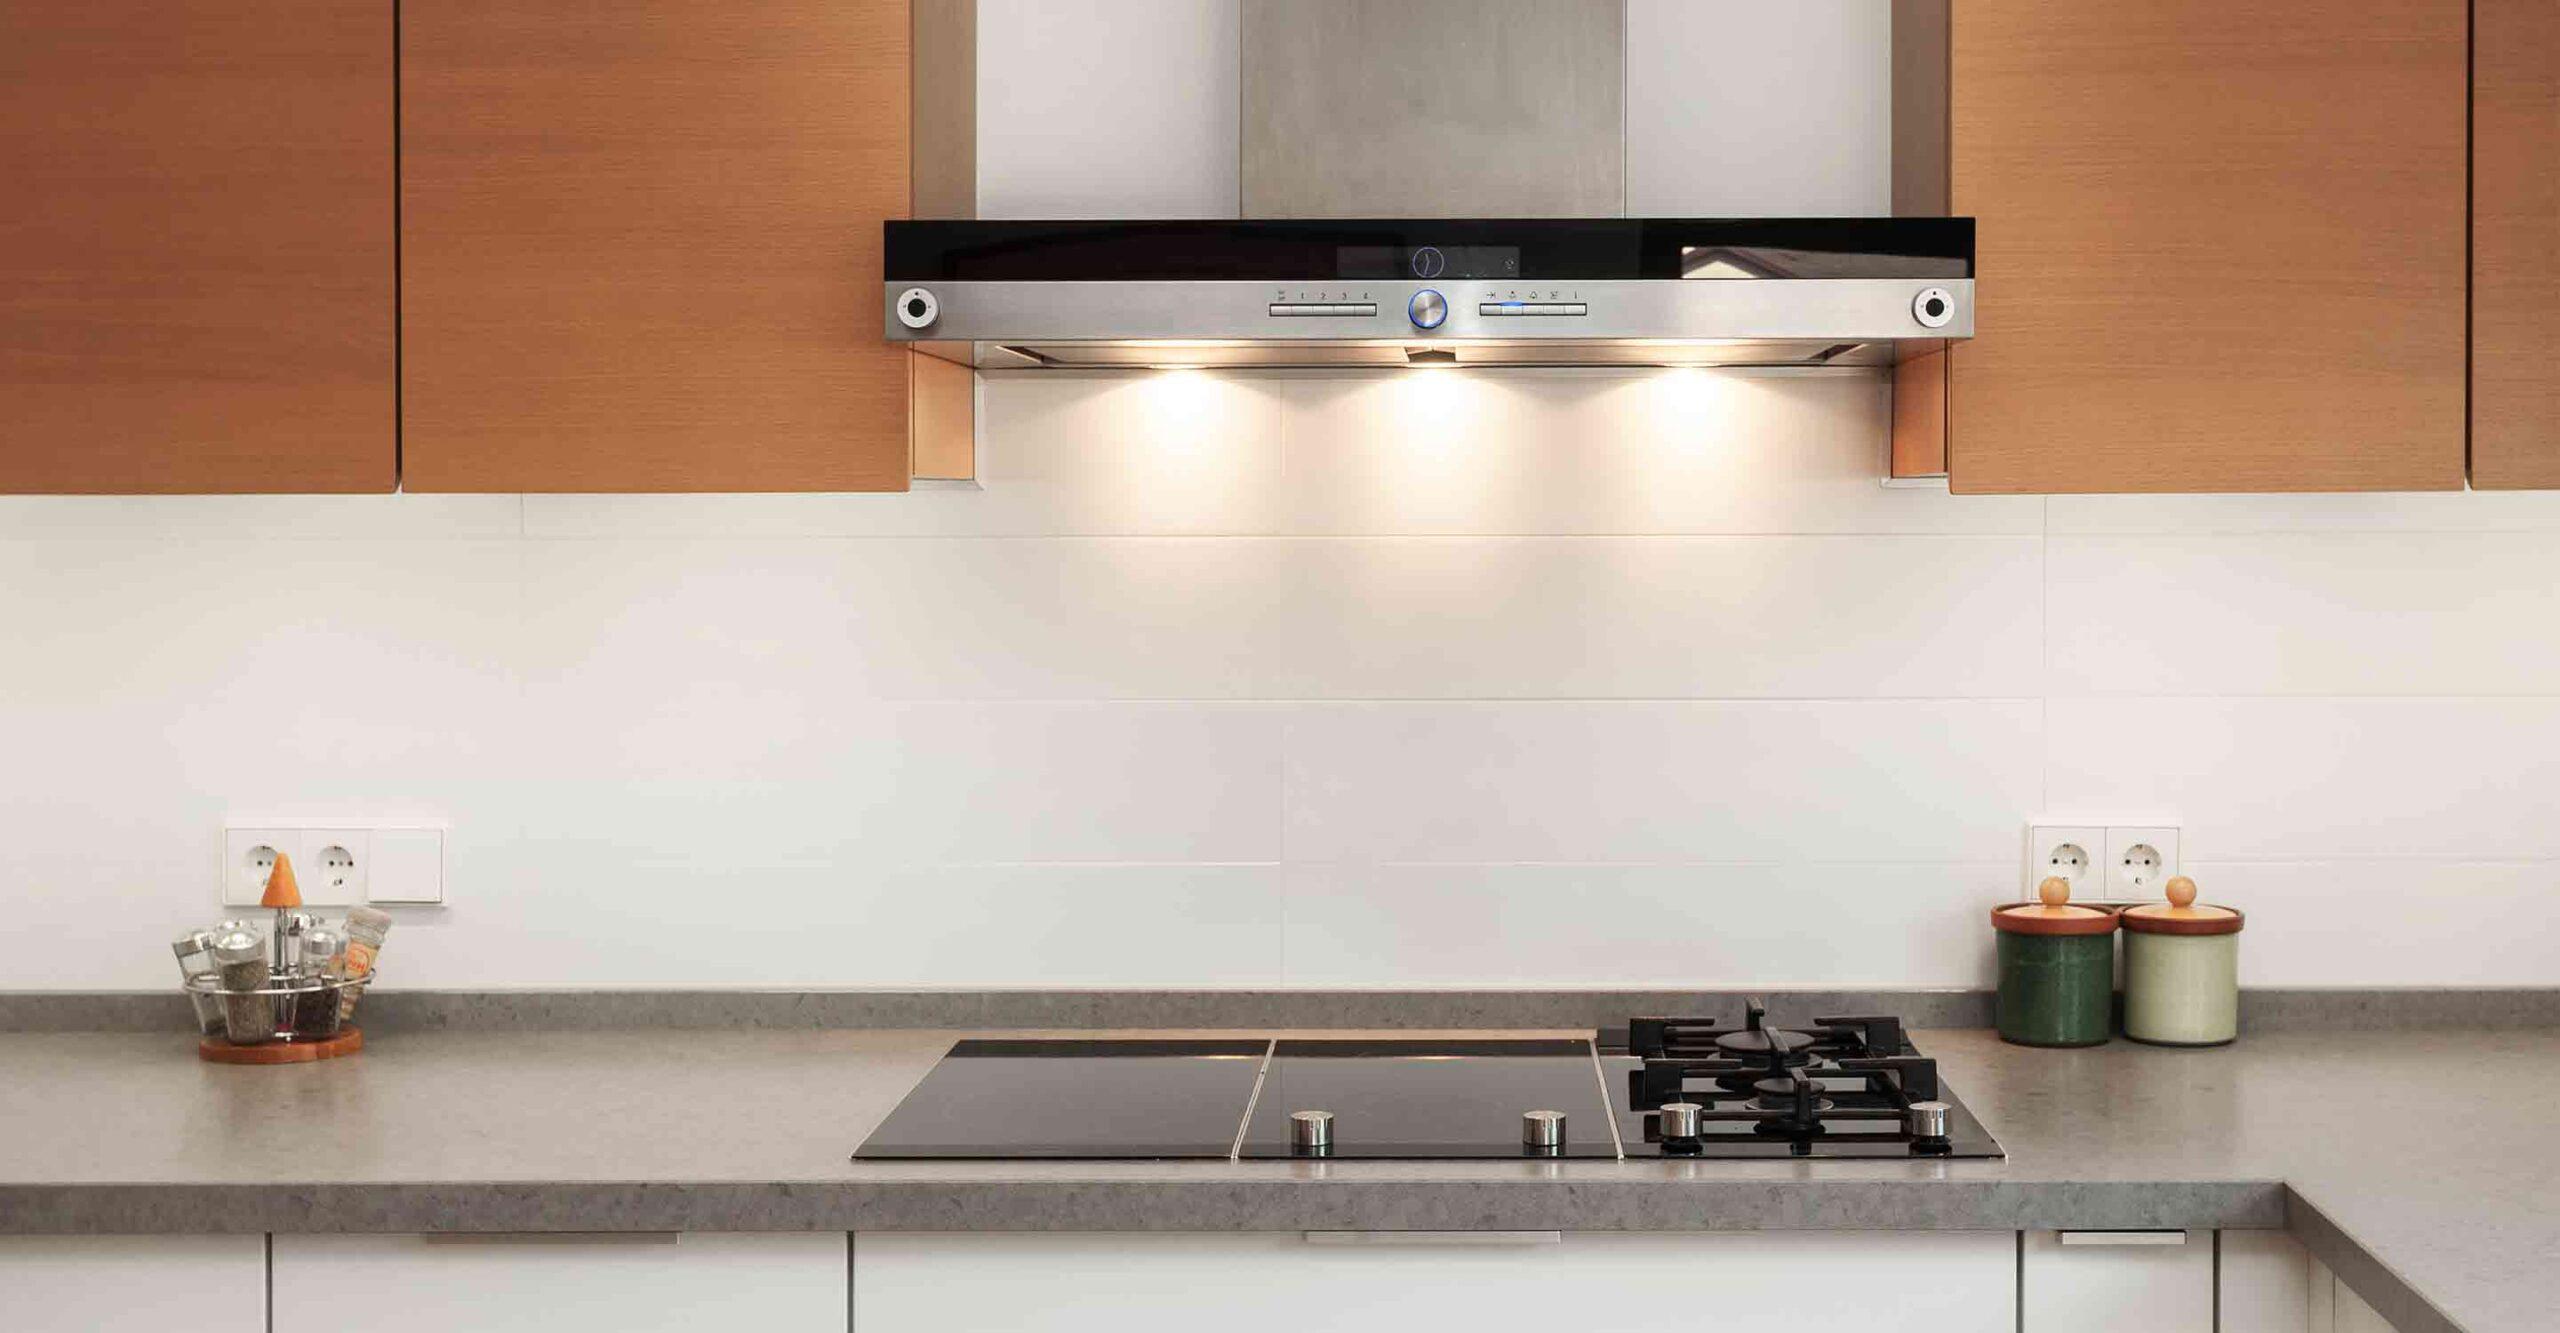 Kitchen With Ventilation